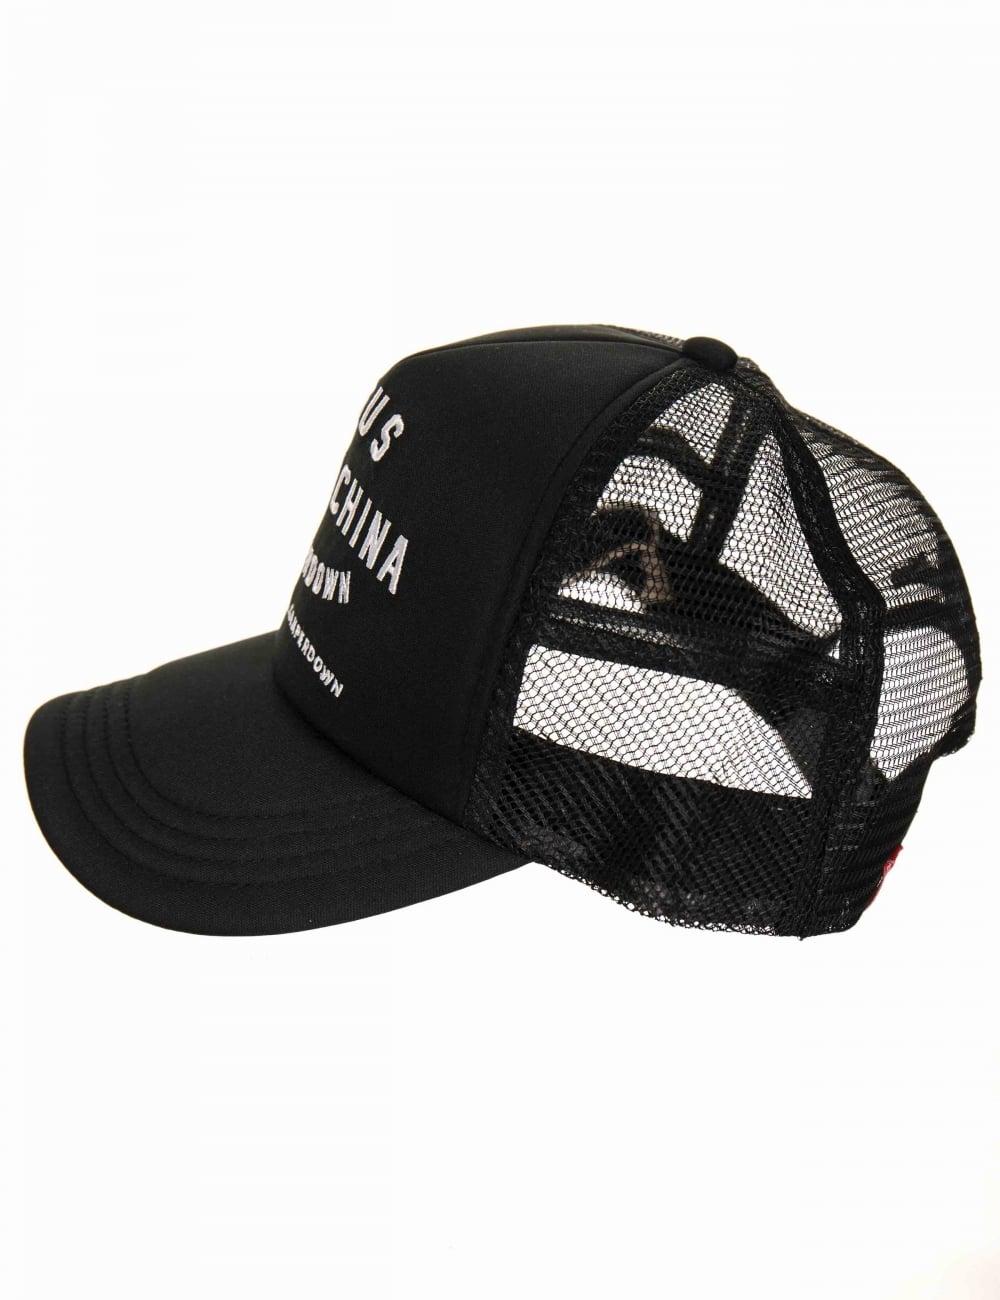 bec3fe08 Deus Ex Machina Camperdown Address Trucker Hat - Black - Accessories ...